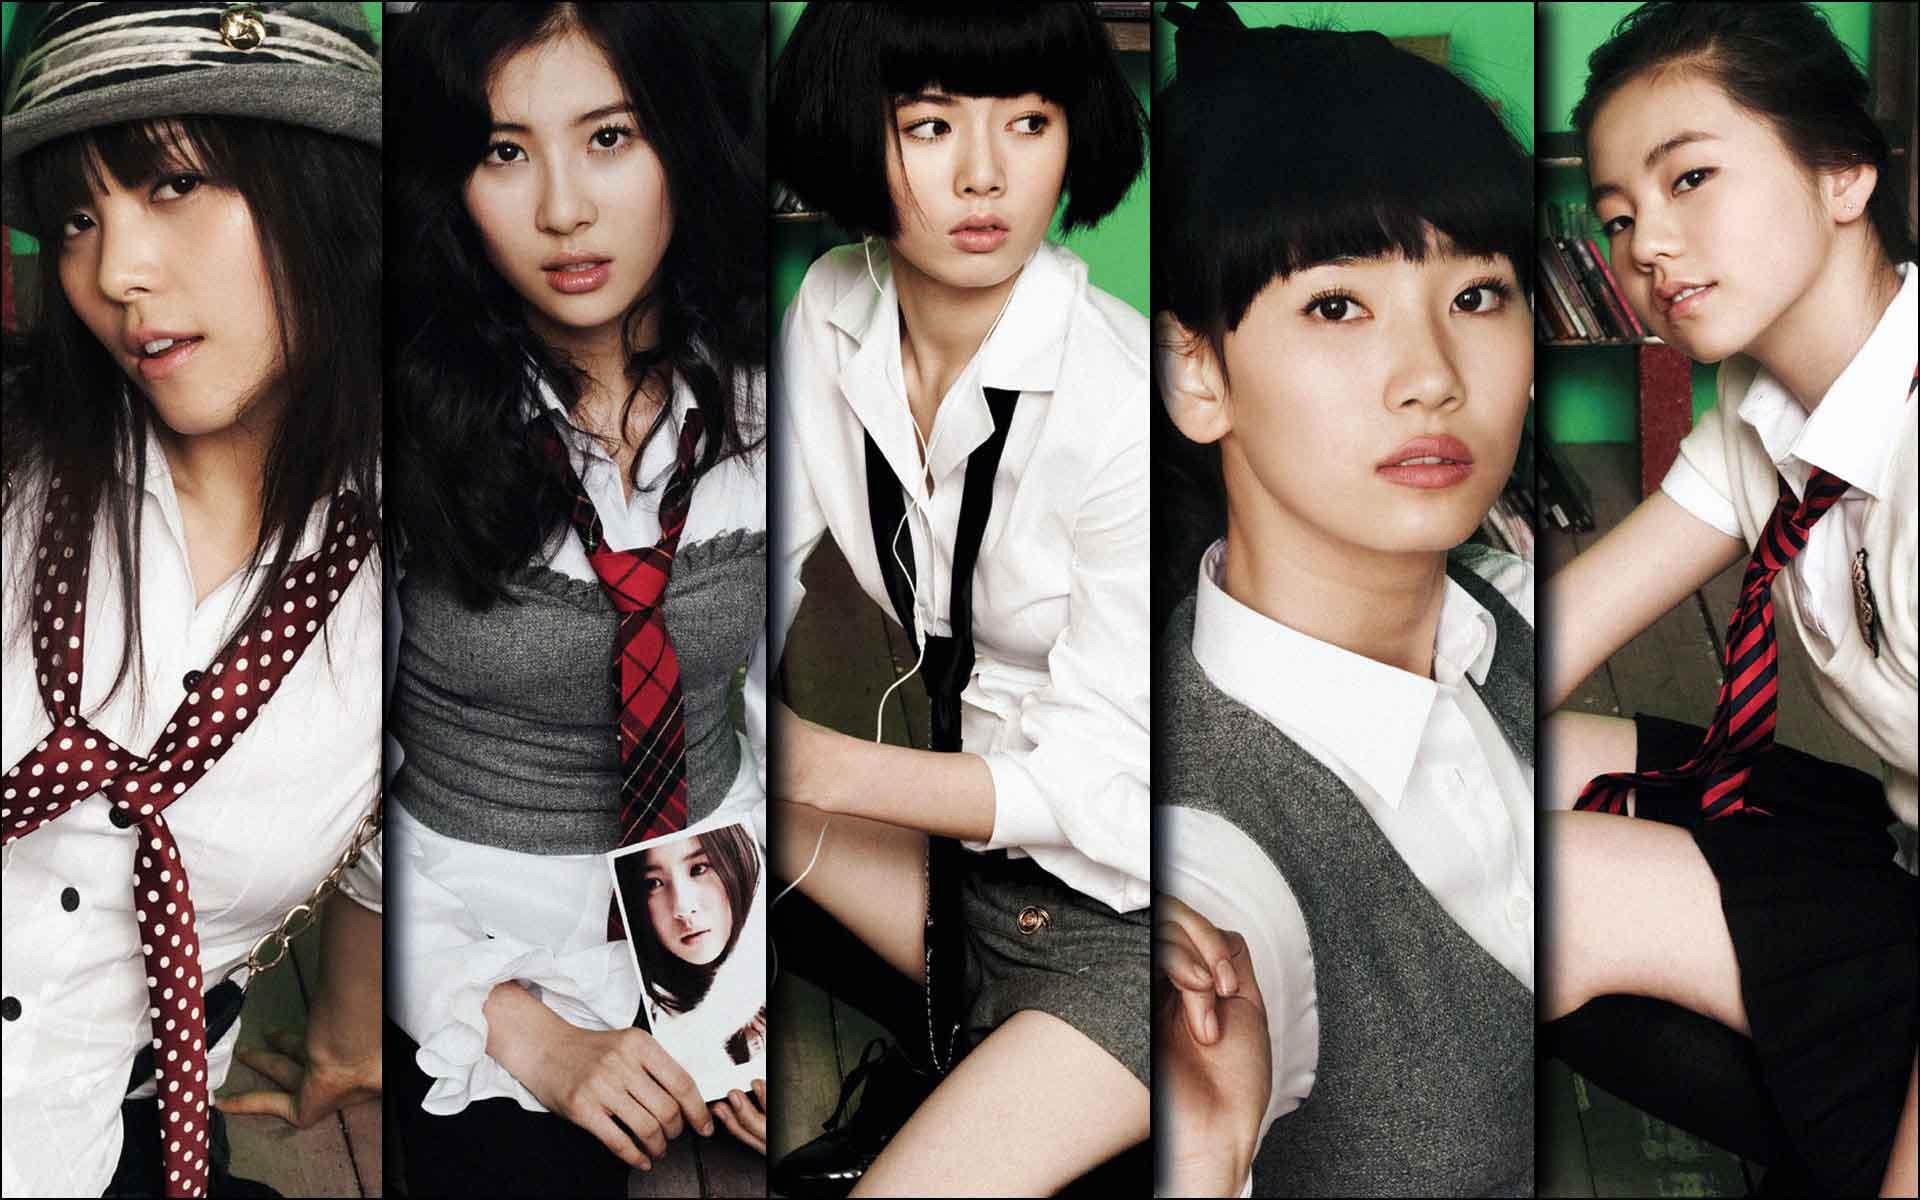 說到Wonder Girls,2007年2月出道的她們,是不是有幾個認識熟悉的面孔??